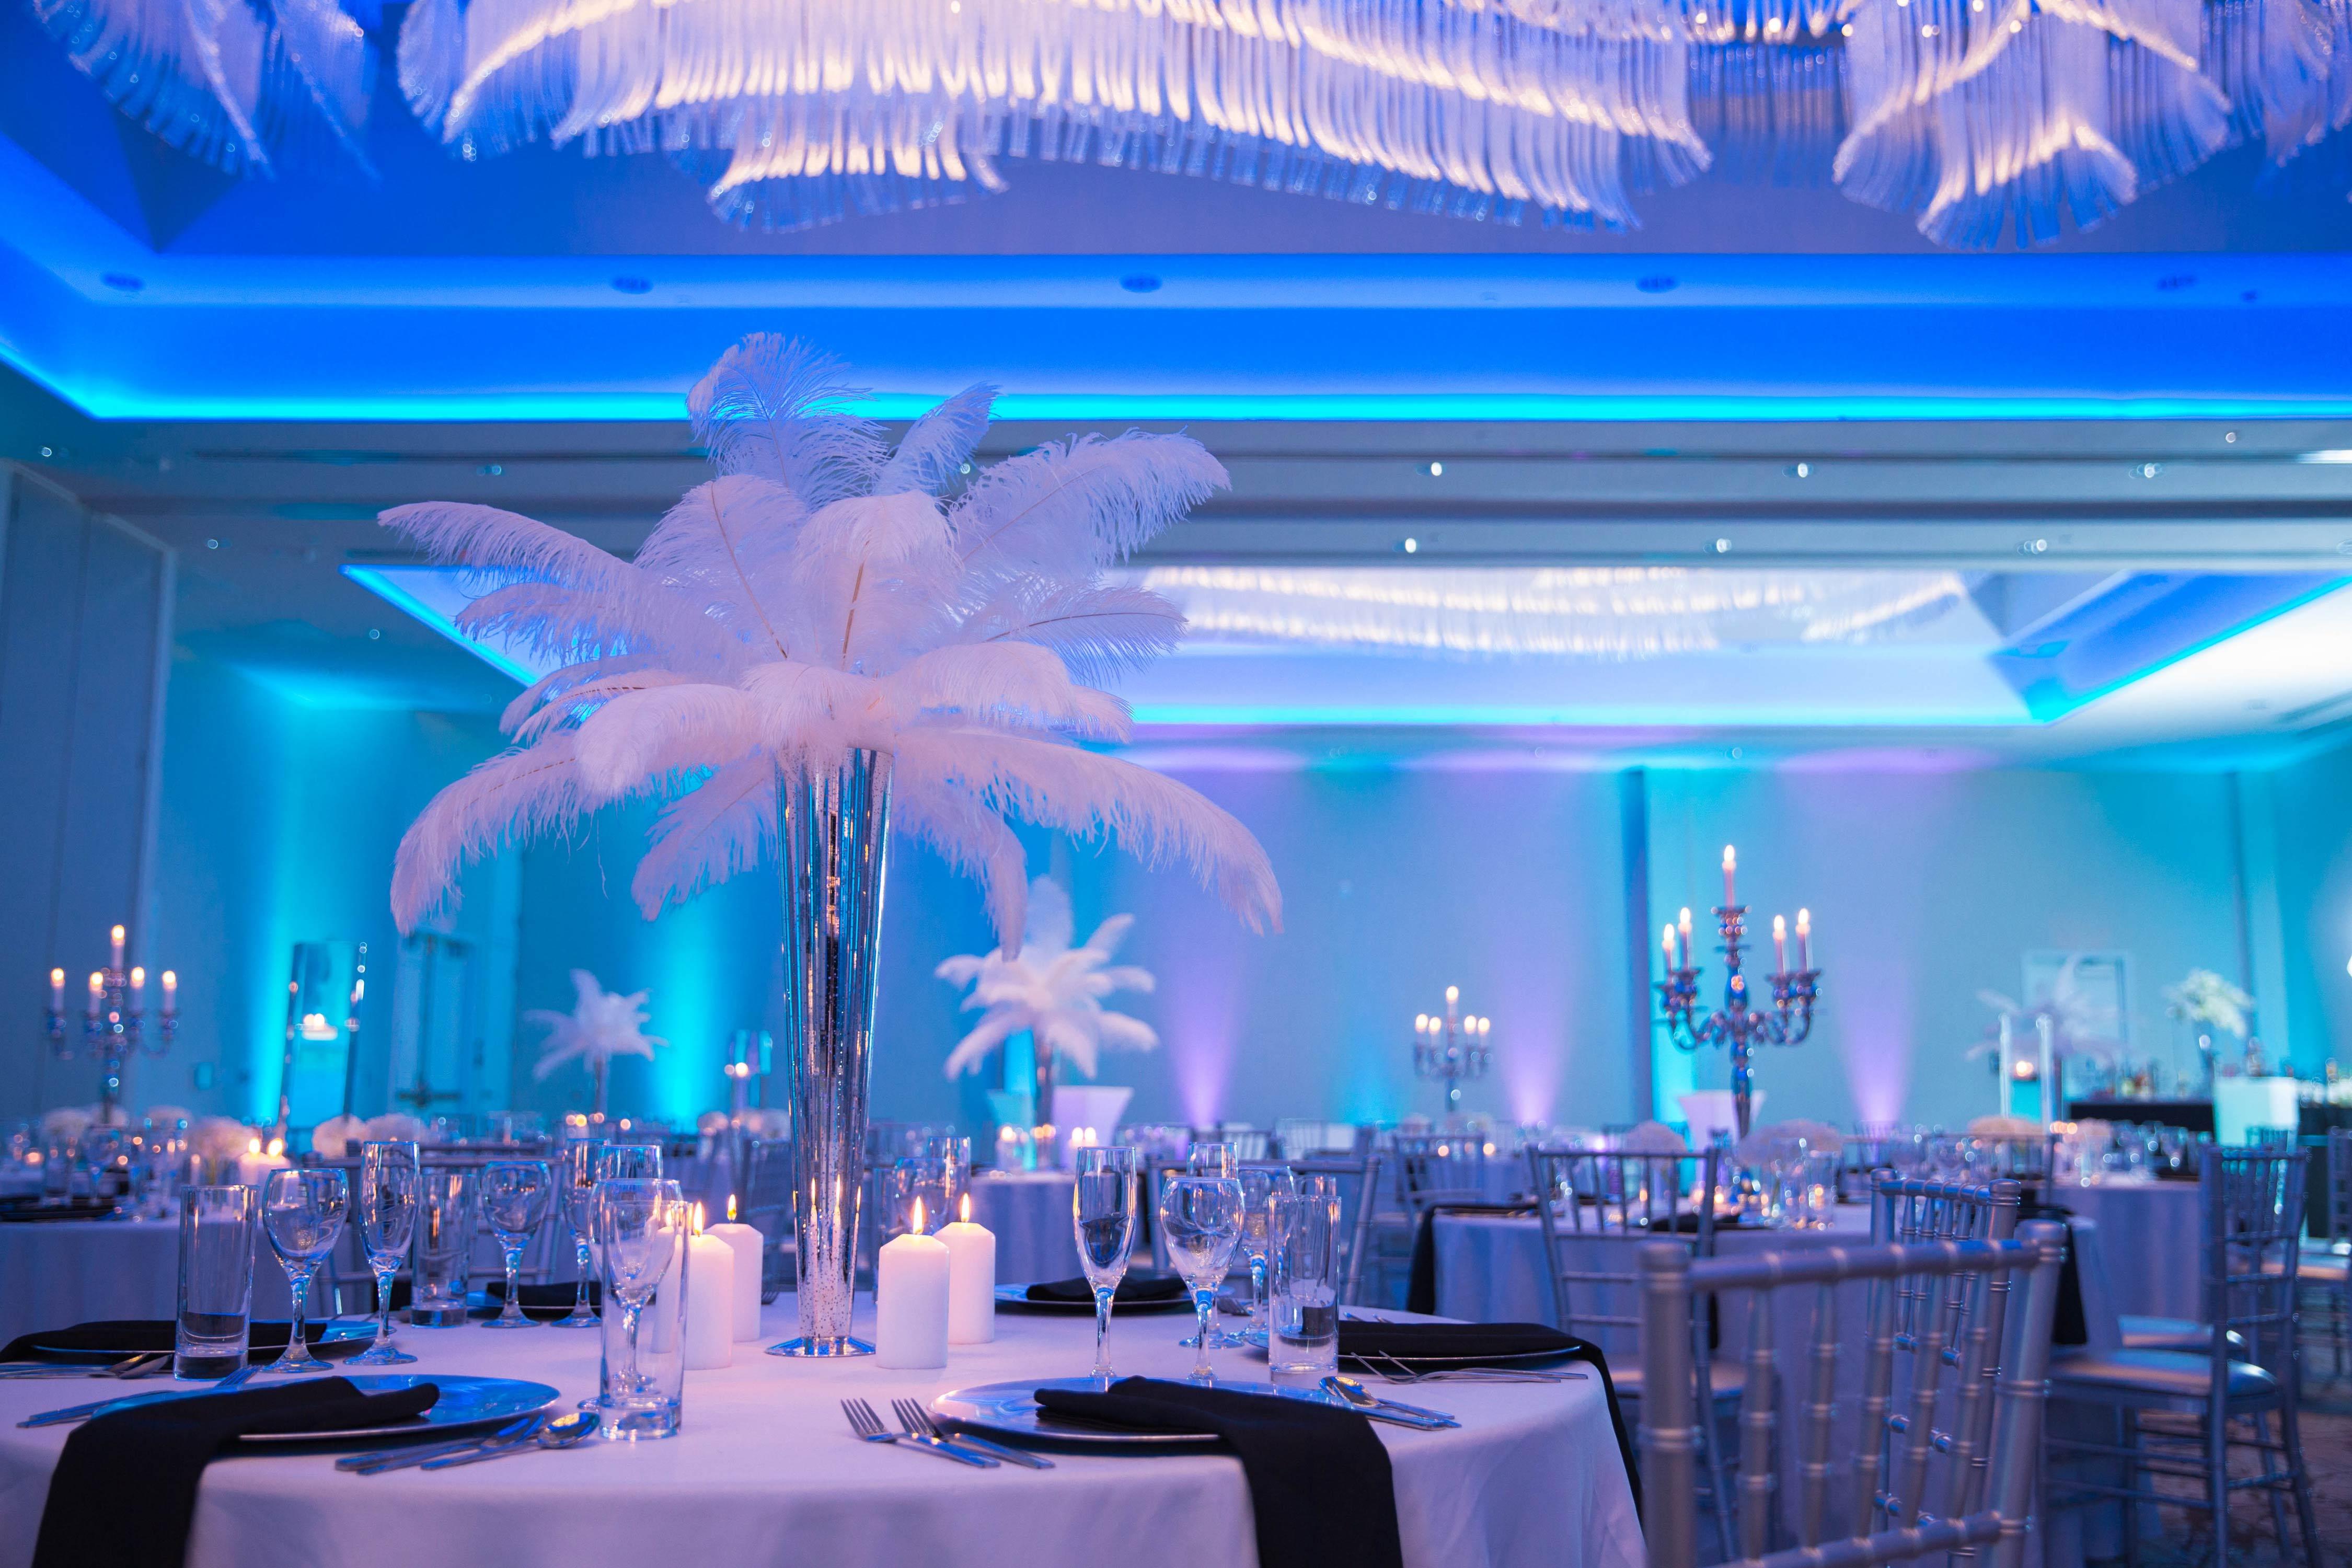 Ballroom lit blue for wedding